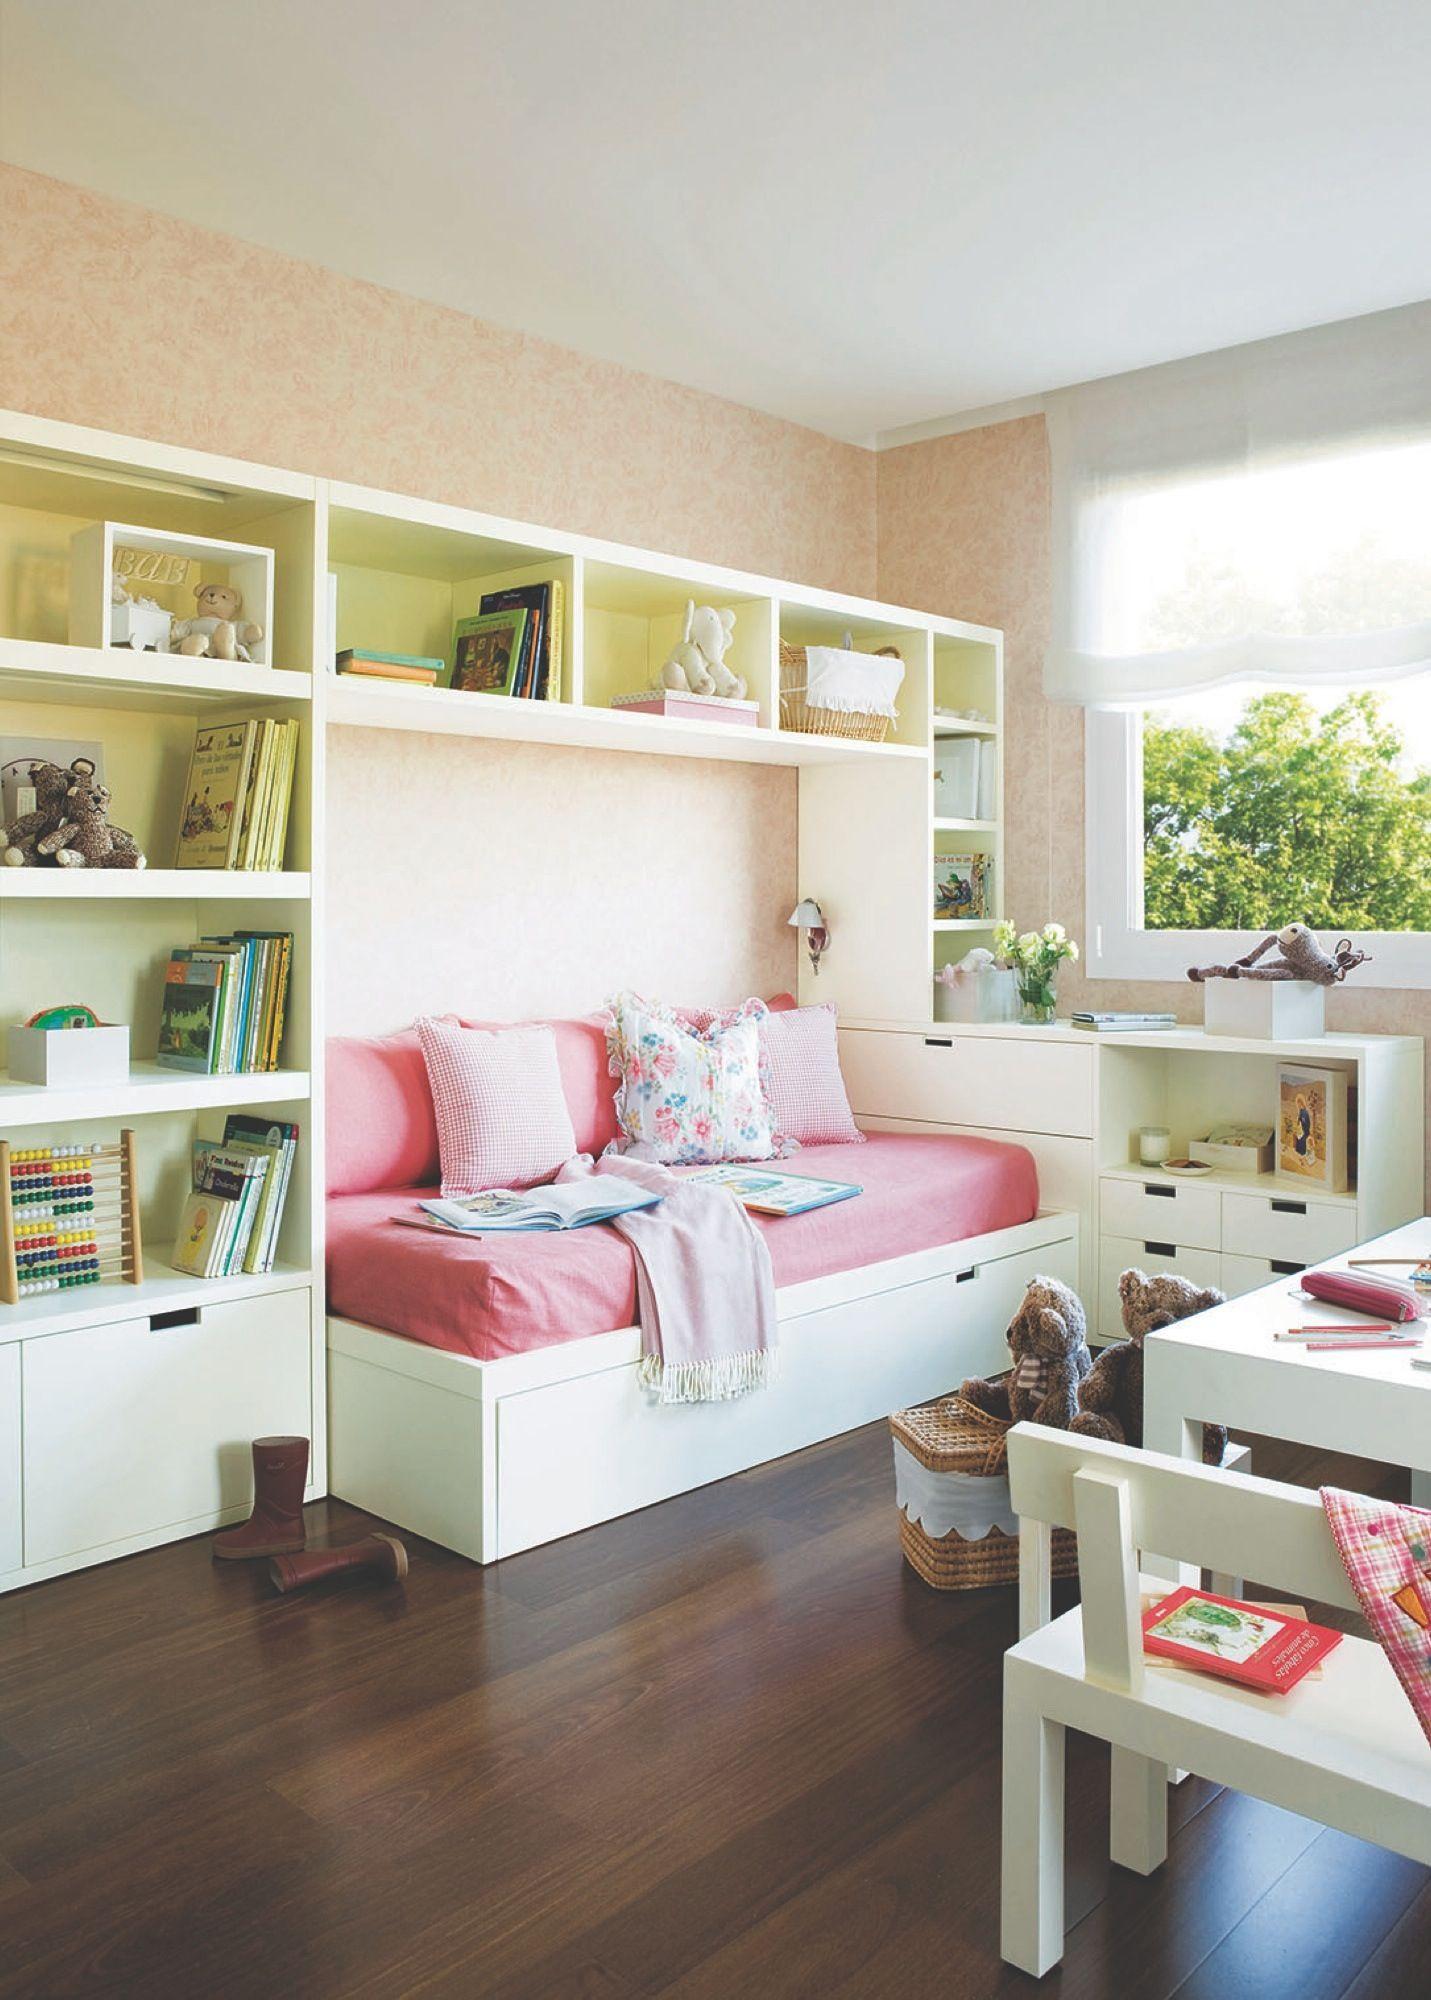 Con cama nido y una librer a a medida kidsroom and - Habitacion infantil cama nido ...